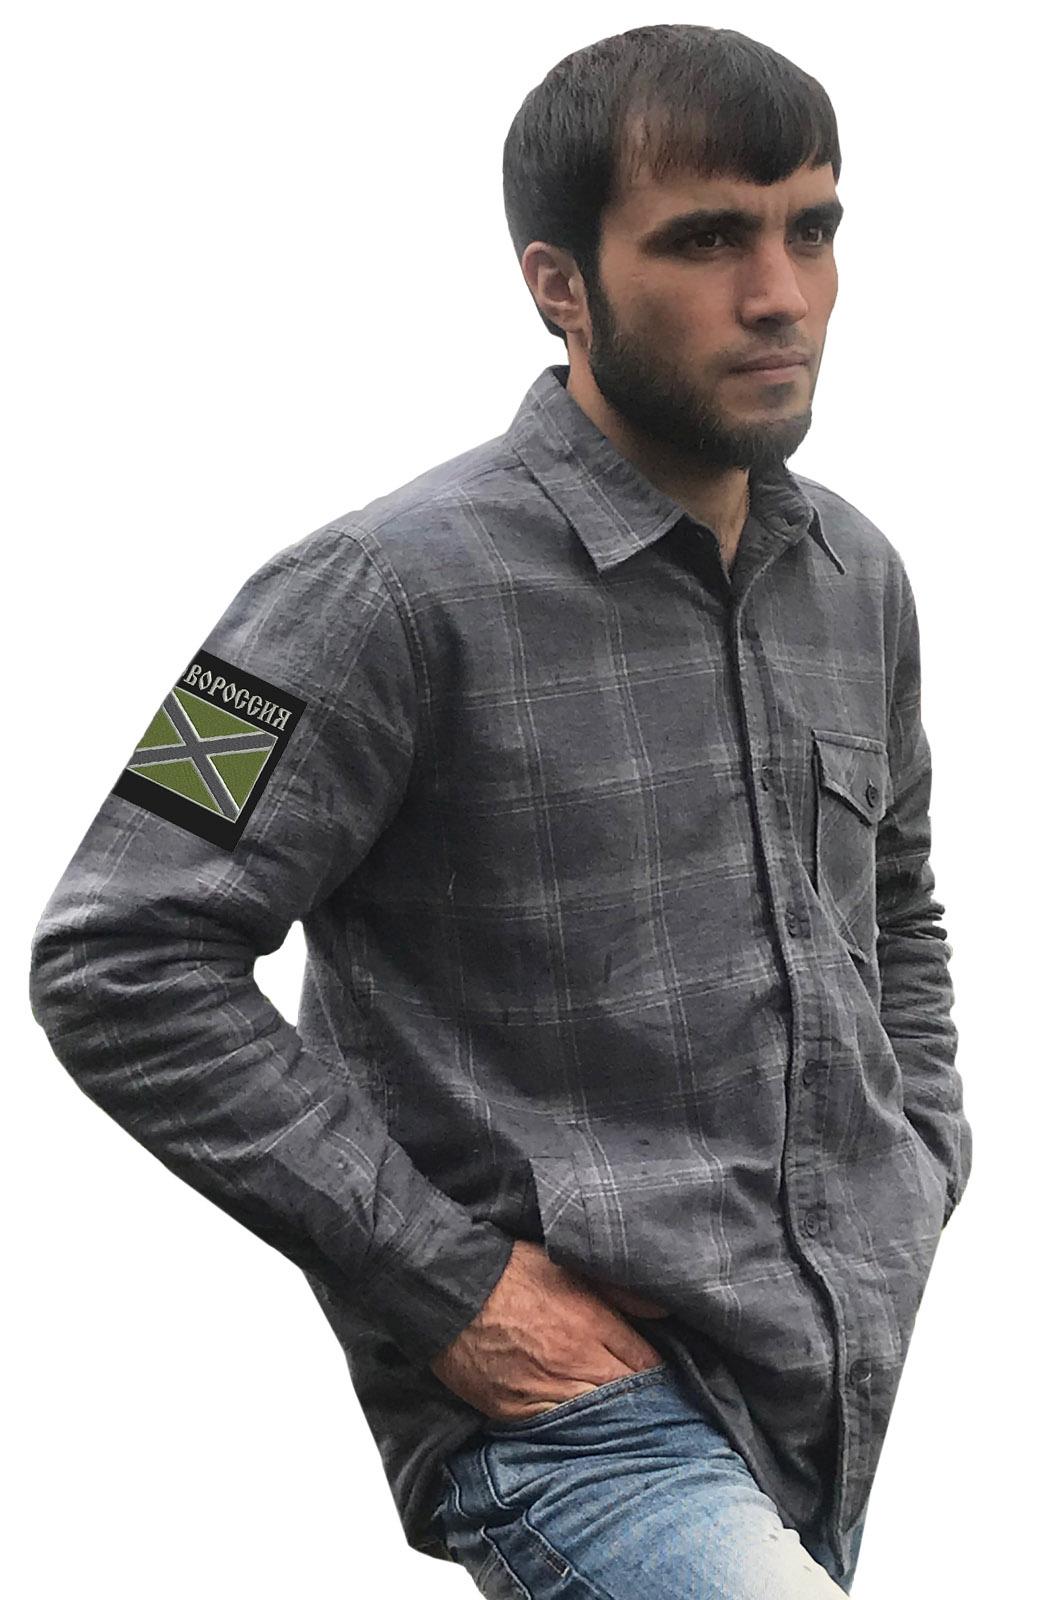 Крутая рубашка с вышитым полевым шевроном Новороссия